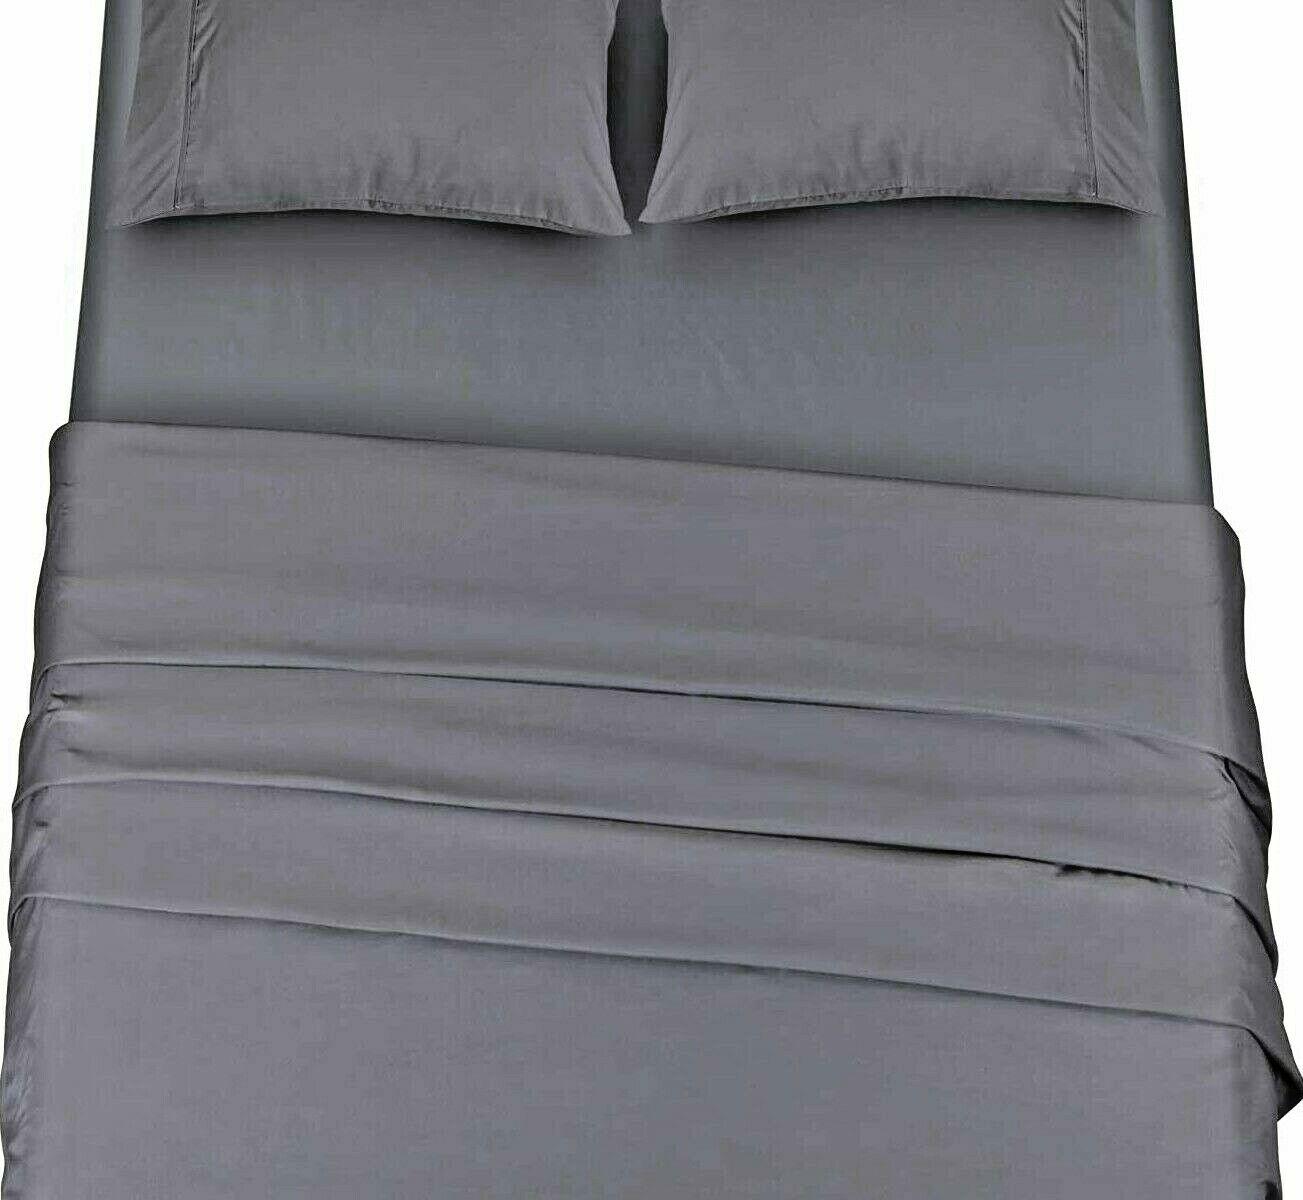 Utopia Bedding Bed Sheet Set - Soft Brushed Microfiber Wrink